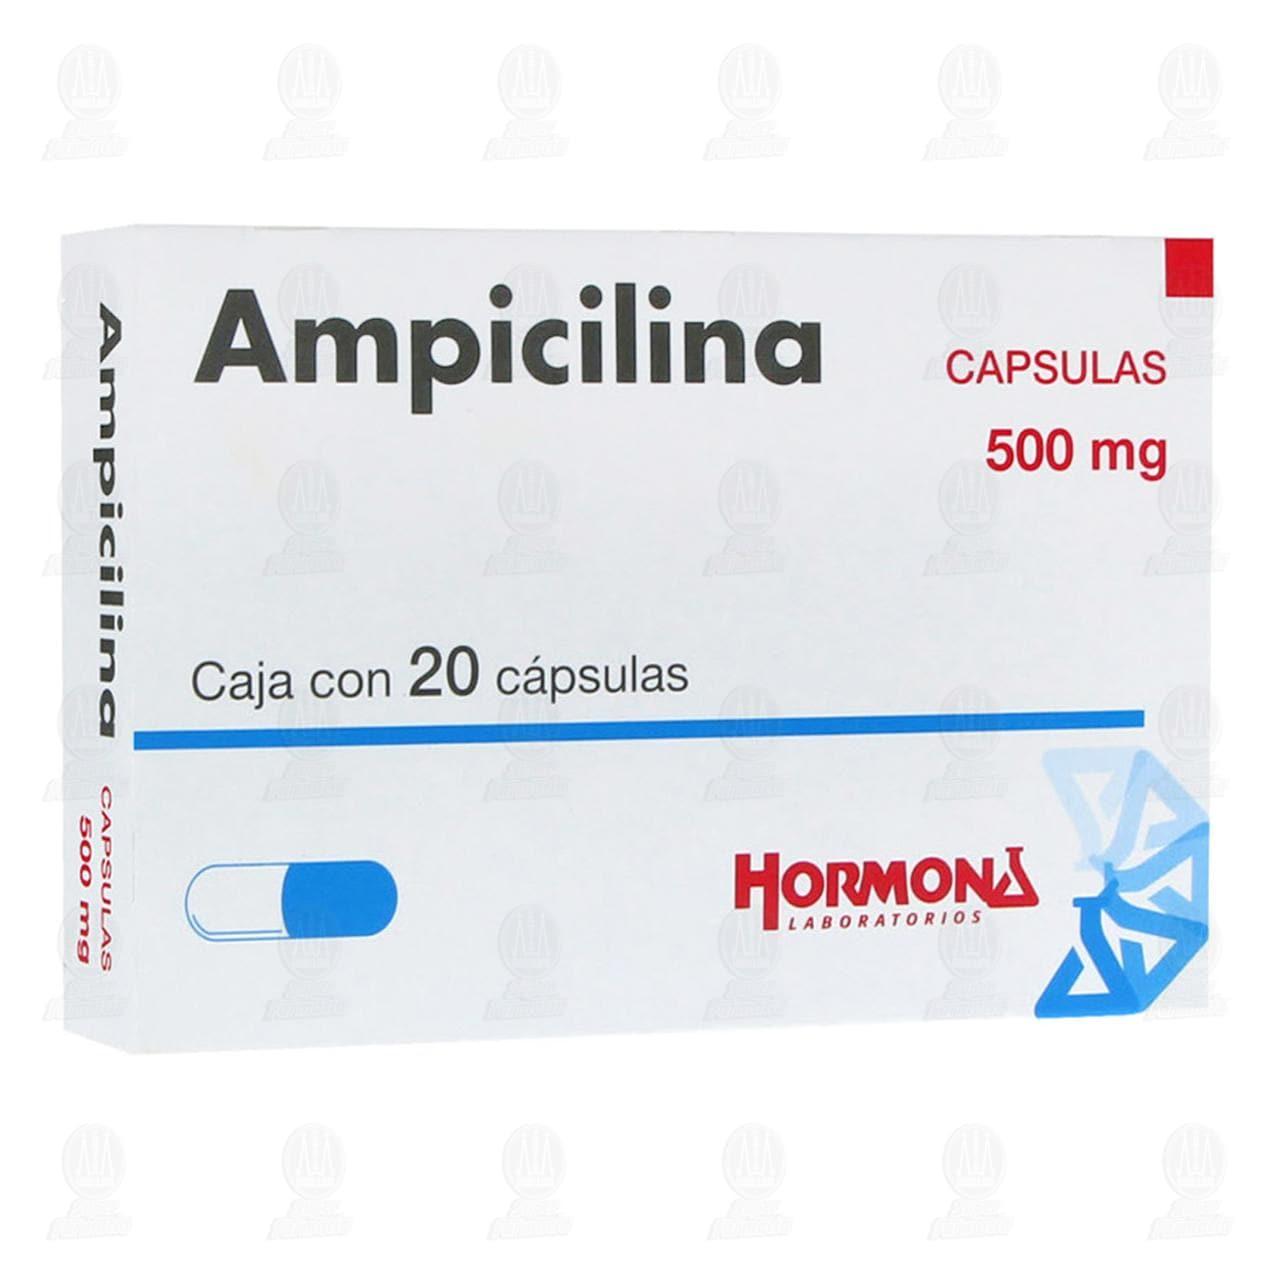 Comprar Ampicilina 500mg 20 Cápsulas en Farmacias Guadalajara